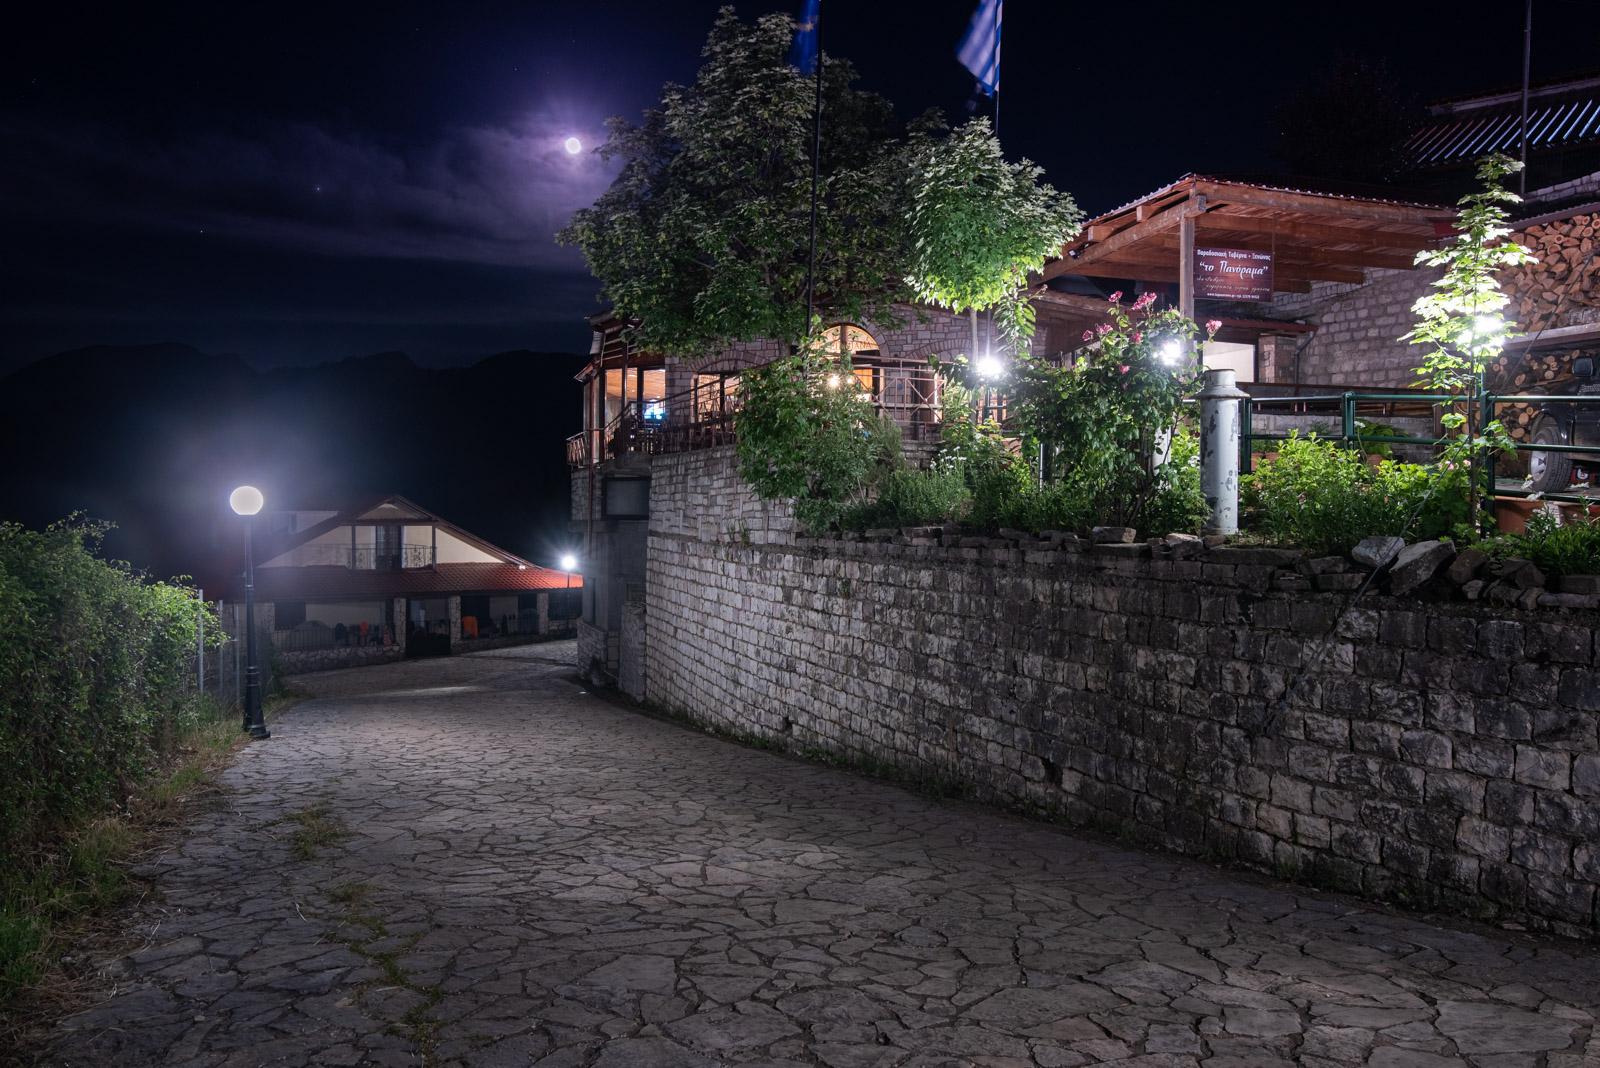 Νυχτερινά Επινιανά